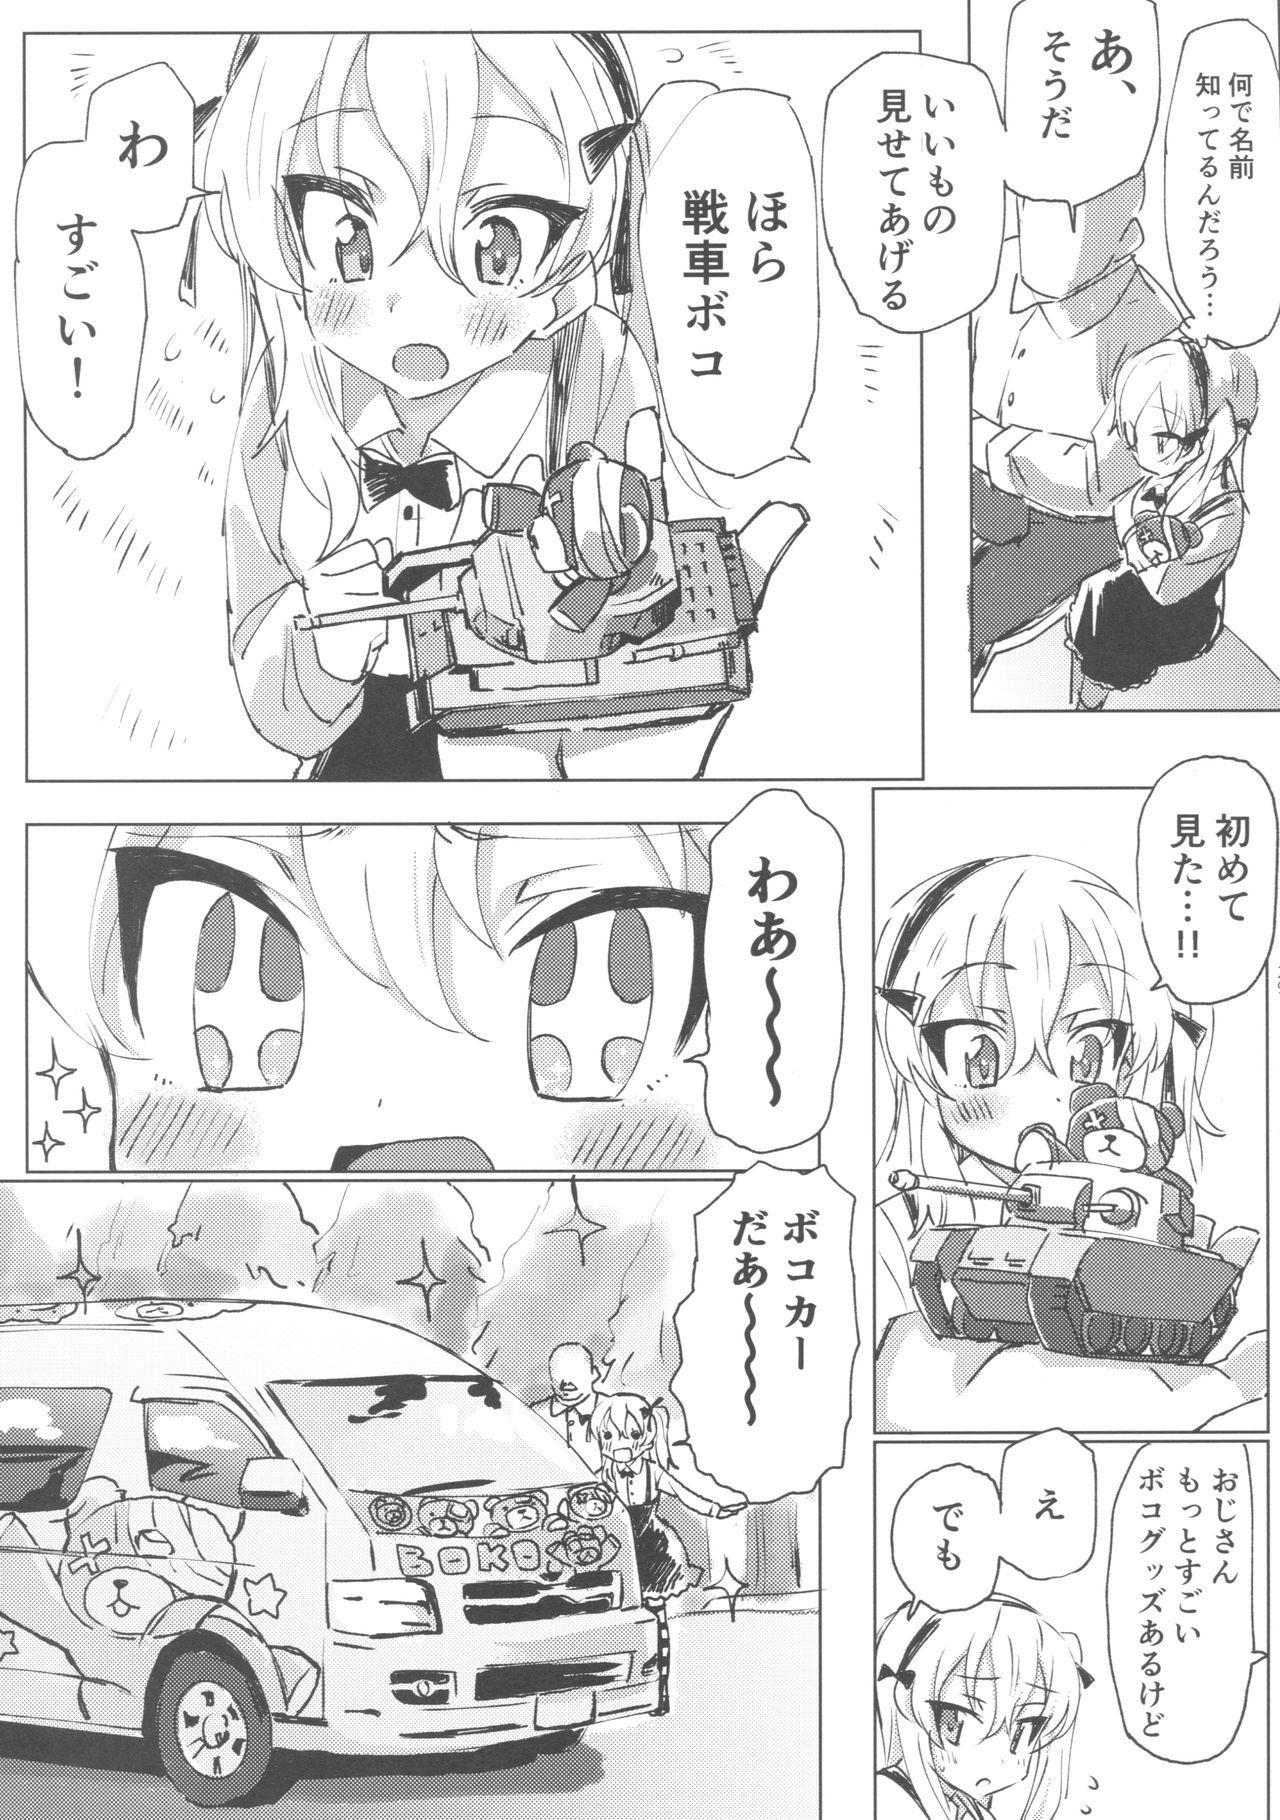 GirlPan Chara ni Ecchi na Onegai o Shitemiru Hon 27